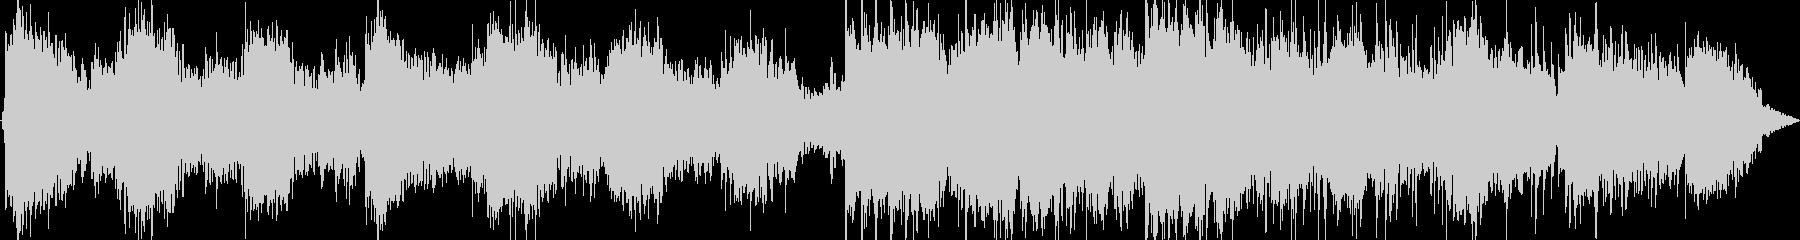 静かな笛のヒーリング音楽の未再生の波形